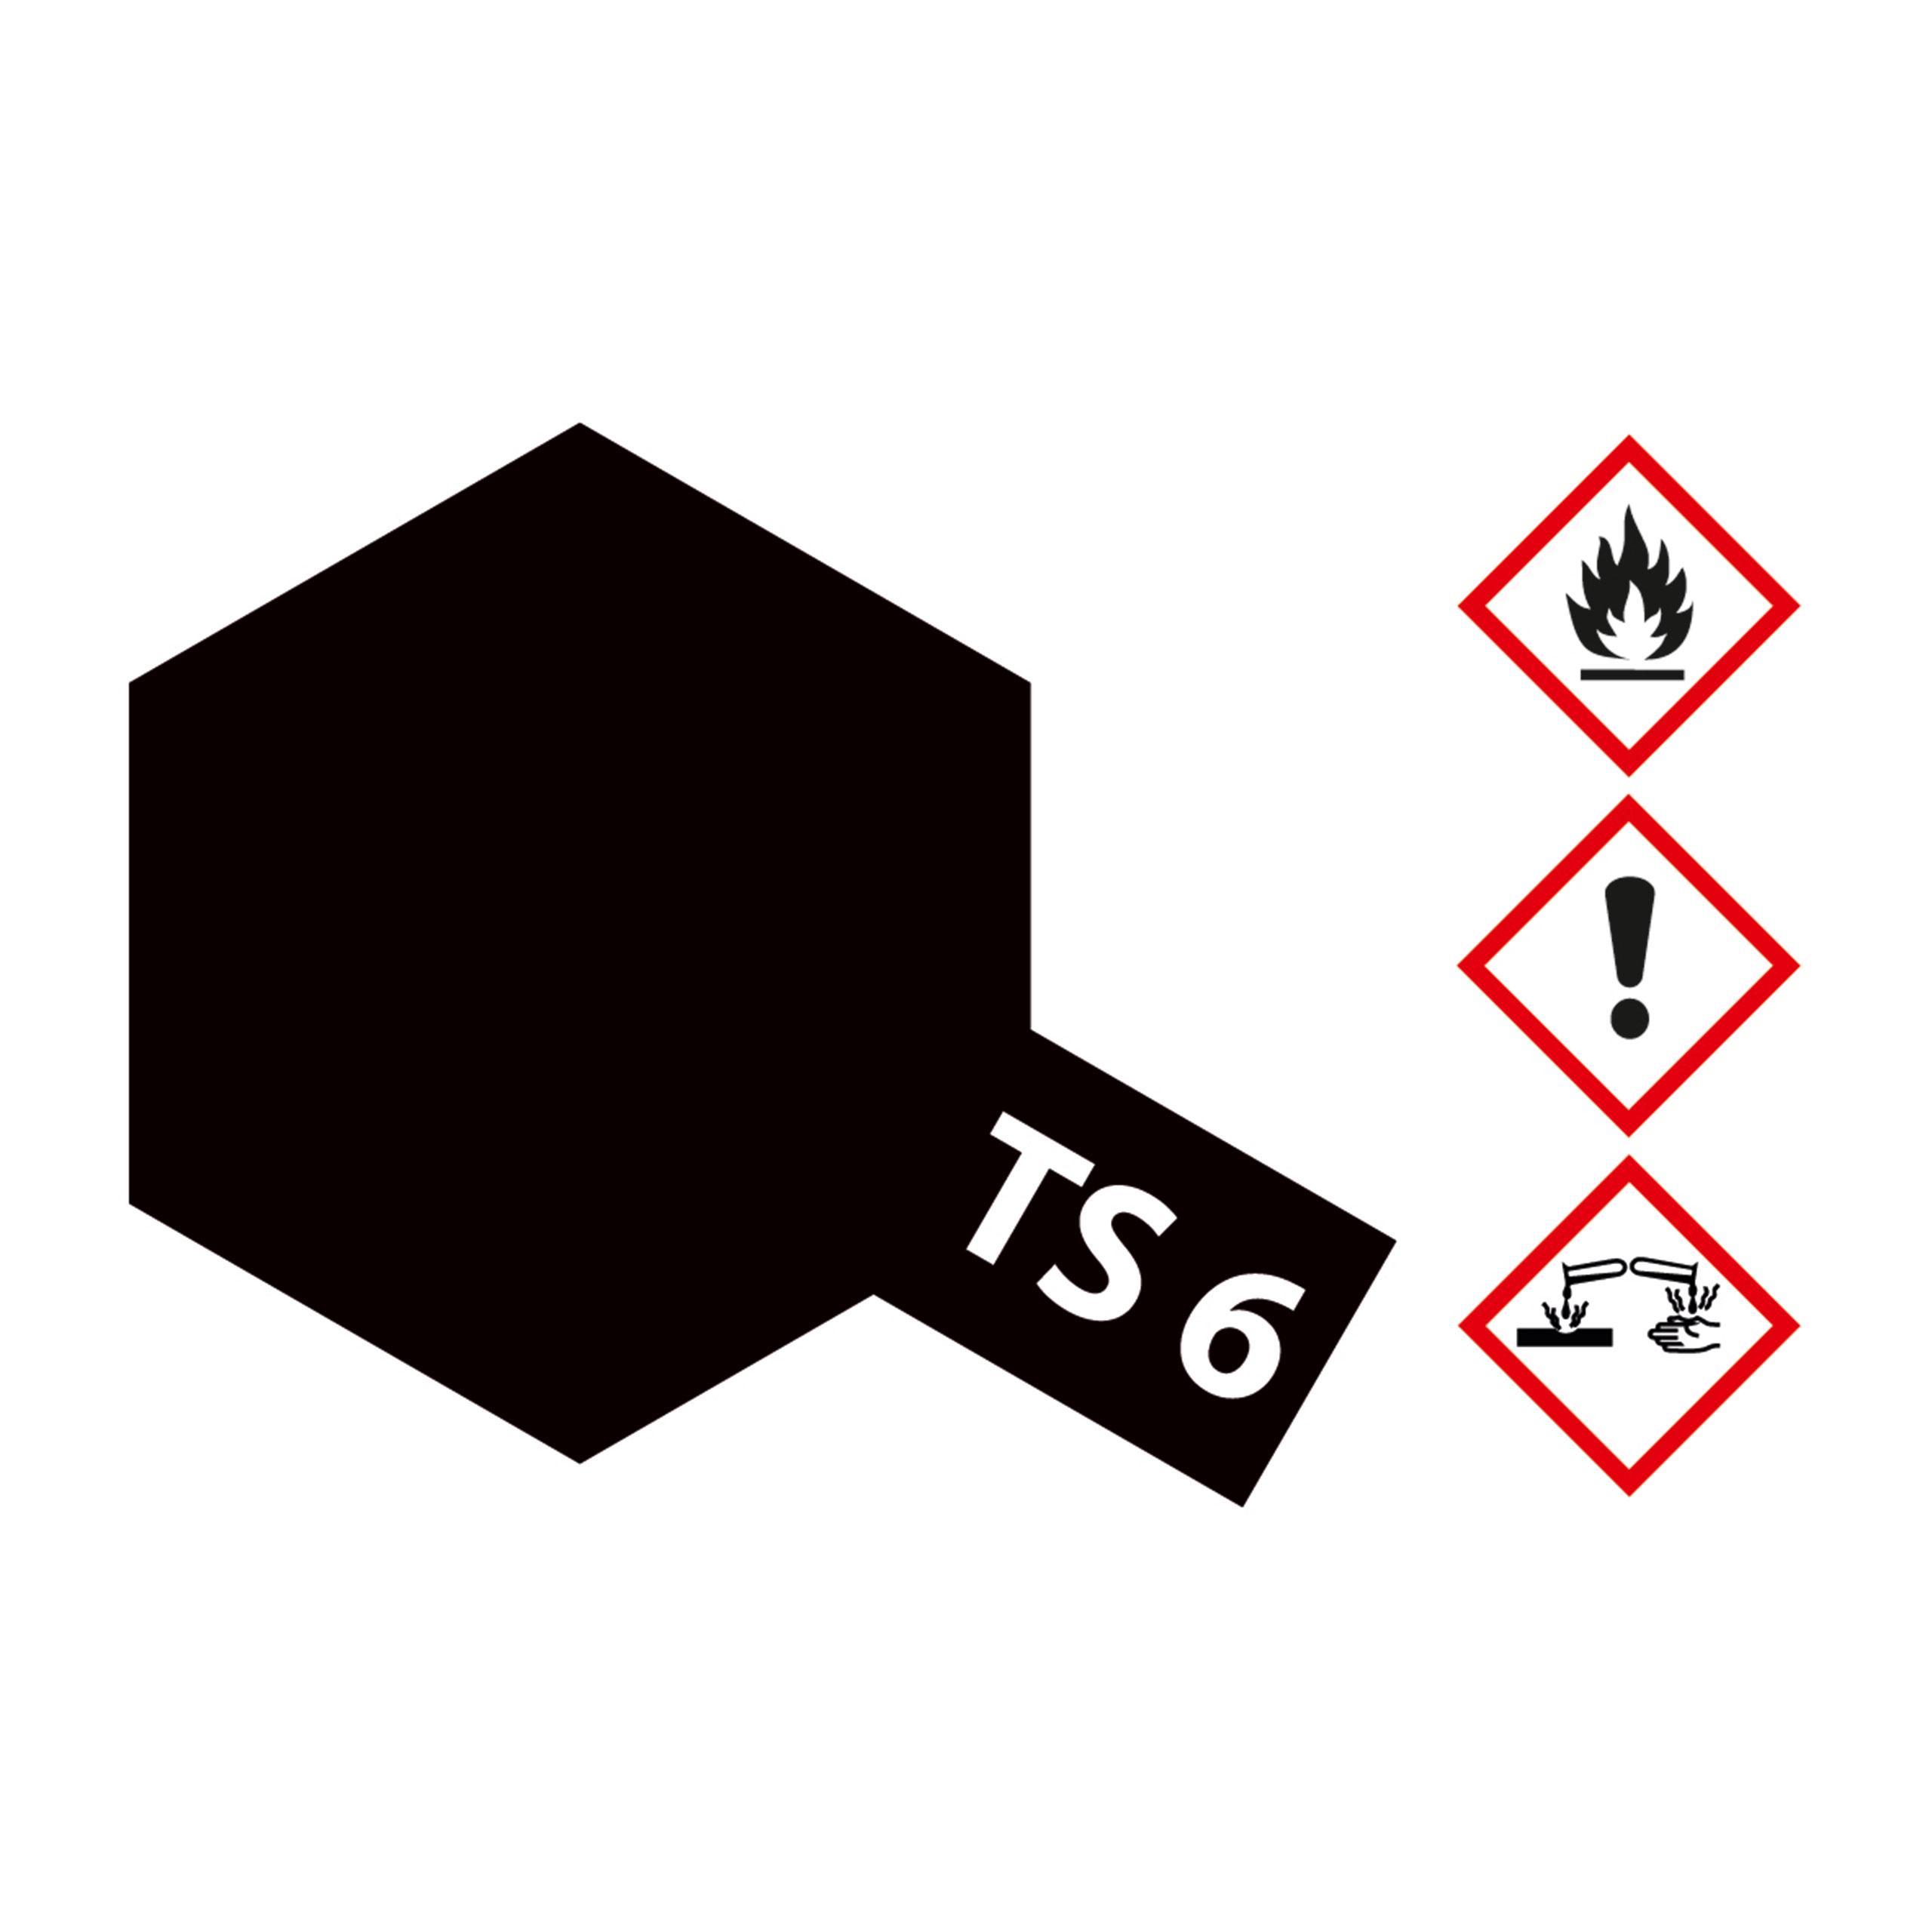 TS-6 Schwarz matt - 100ml Sprayfarbe Kunstharz Tamiya 300085006